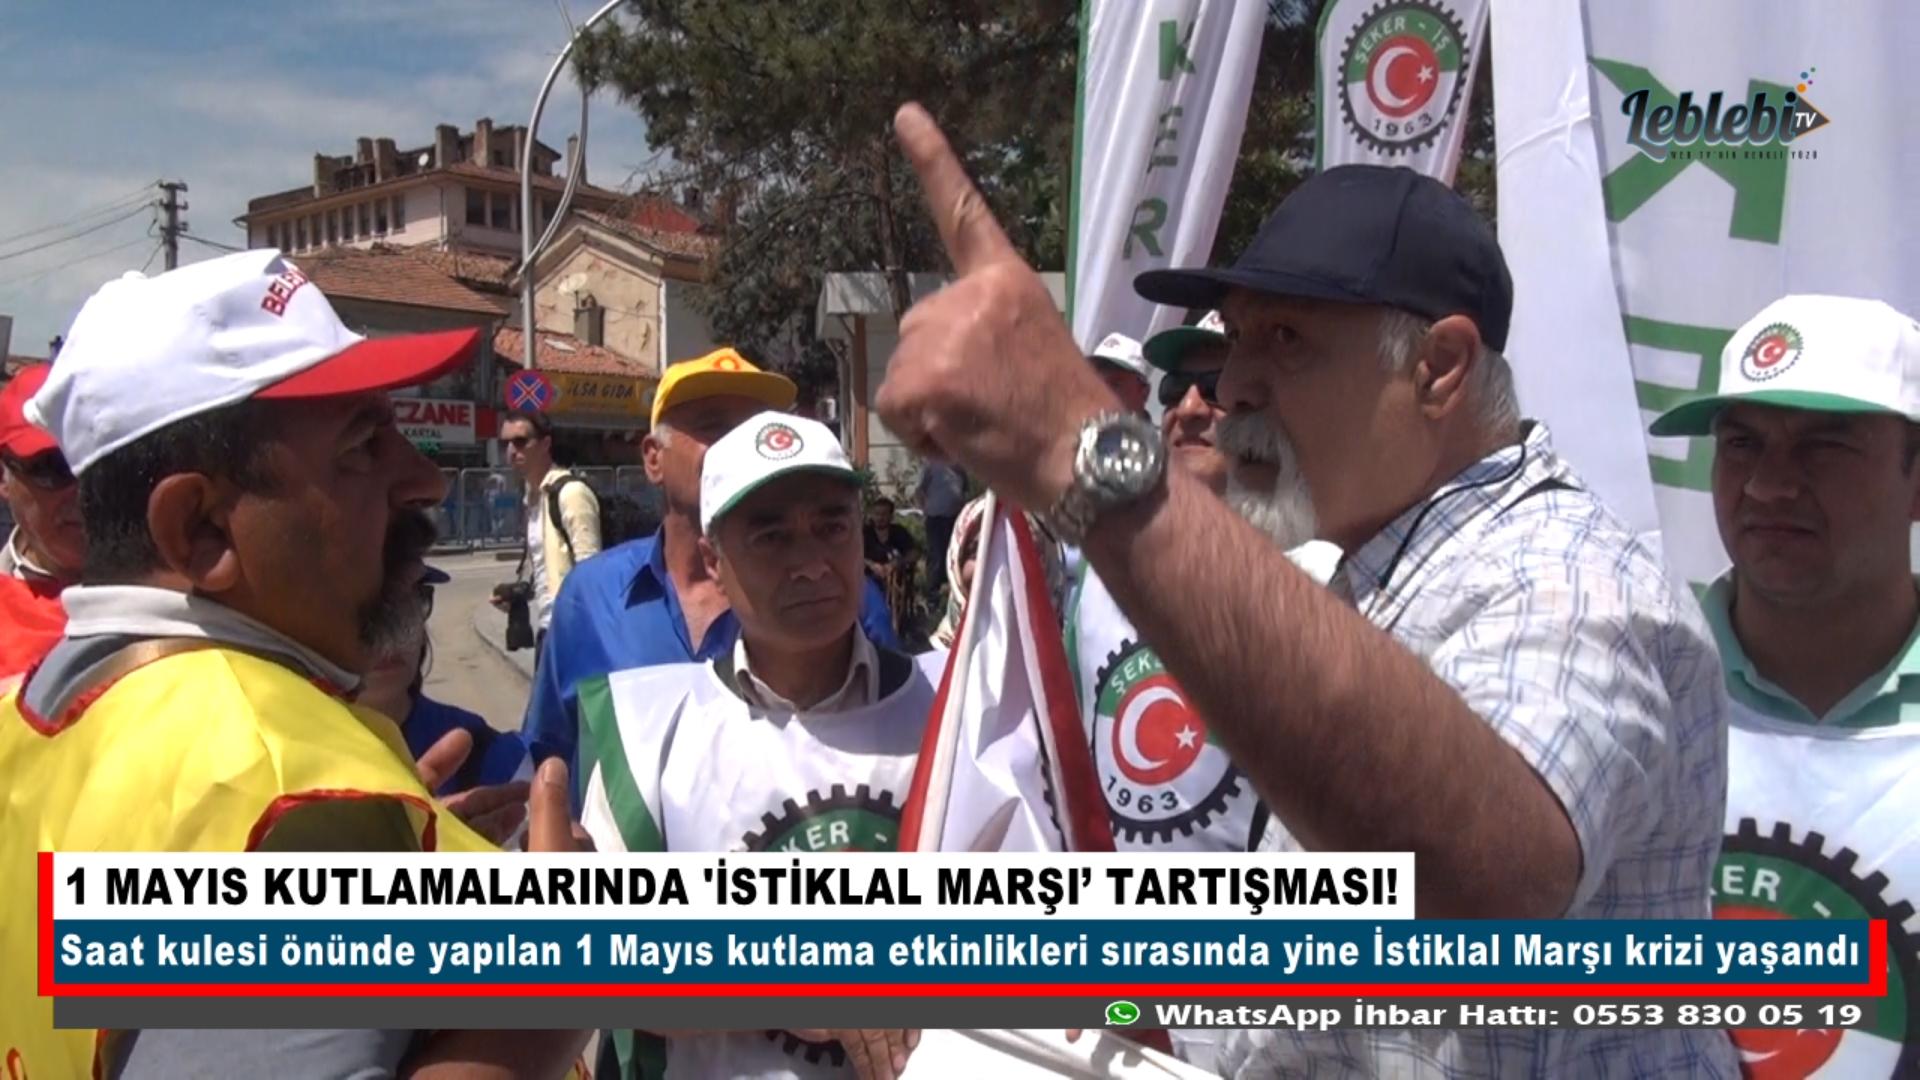 1 MAYIS KUTLAMALARINDA 'İSTİKLAL MARŞI' TARTIŞMASI!